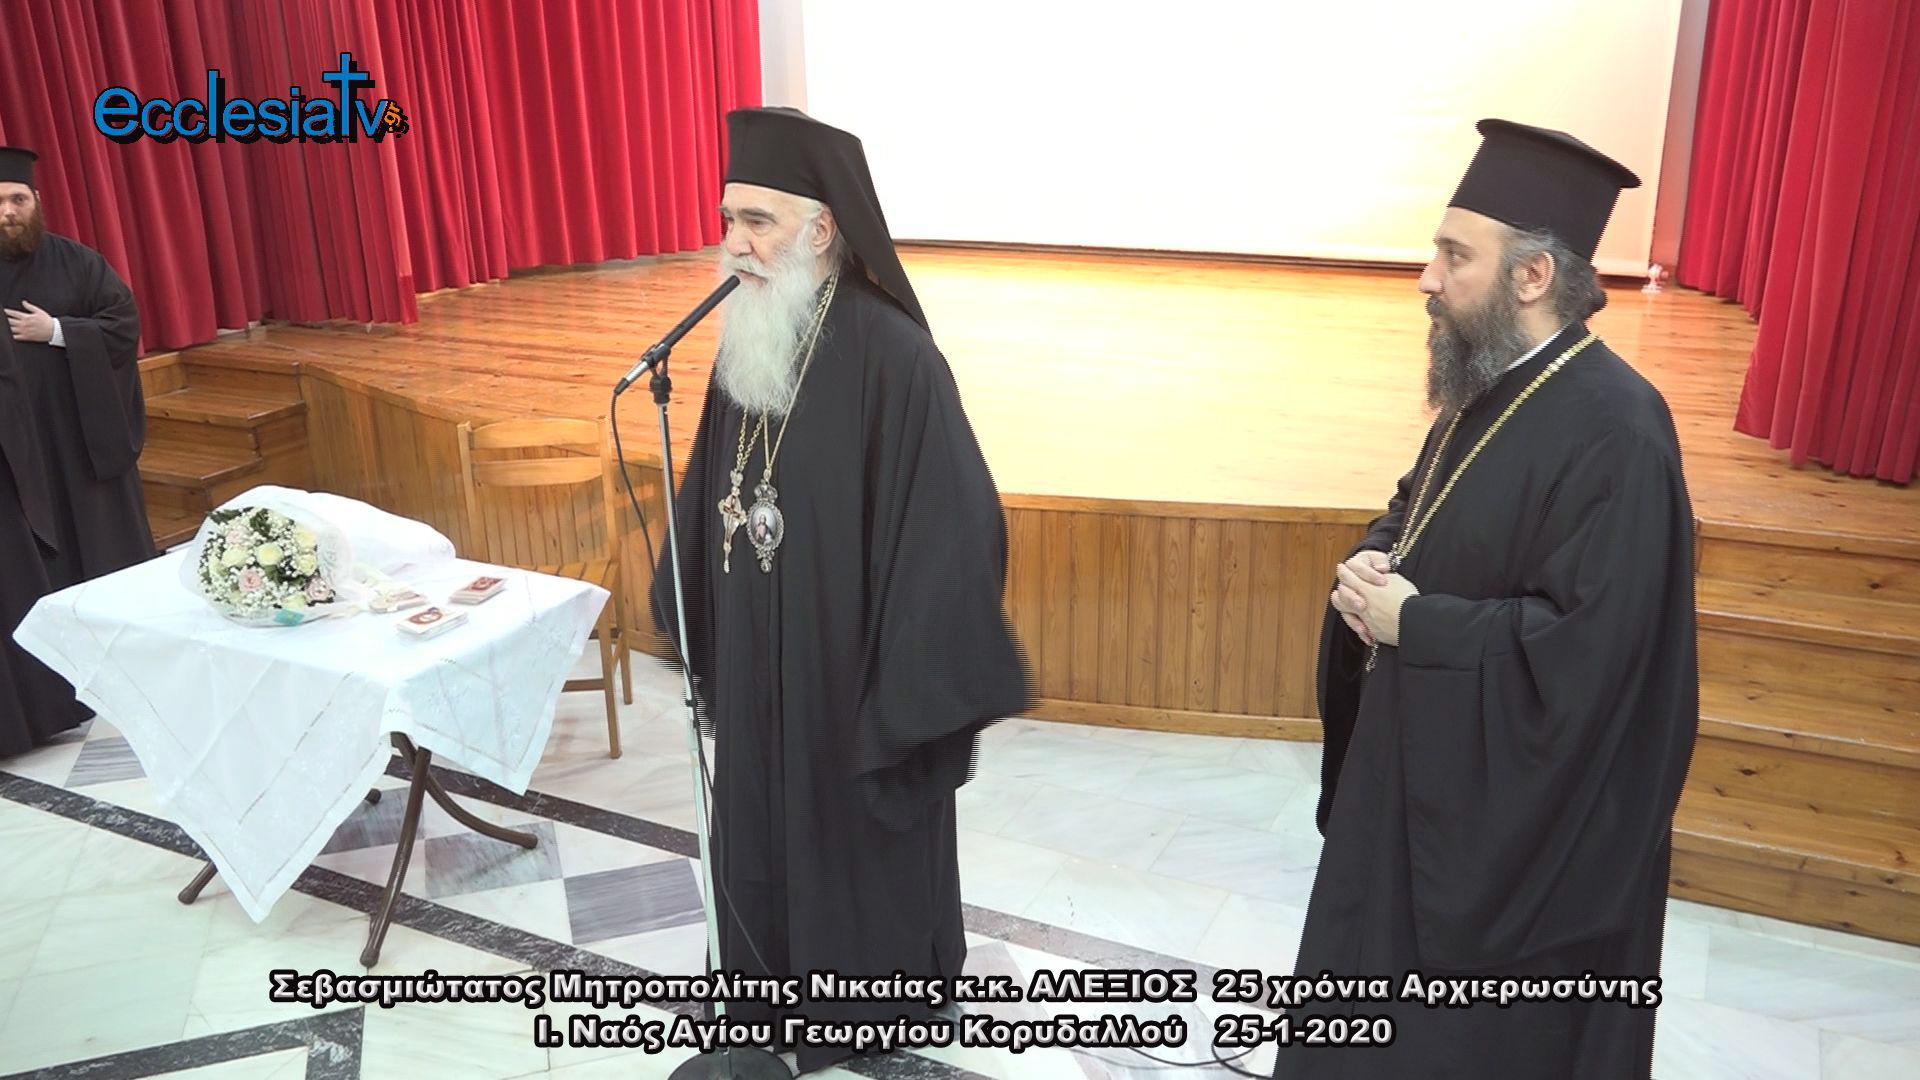 Σεβασμιώτατος Μητροπολίτης Νικαίας κ.κ. ΑΛΕΞΙΟΣ  25 χρόνια Αρχιερωσύνης Ι. Ναός Αγίου Γεωργίου Κορυδαλλού   25-1-2020